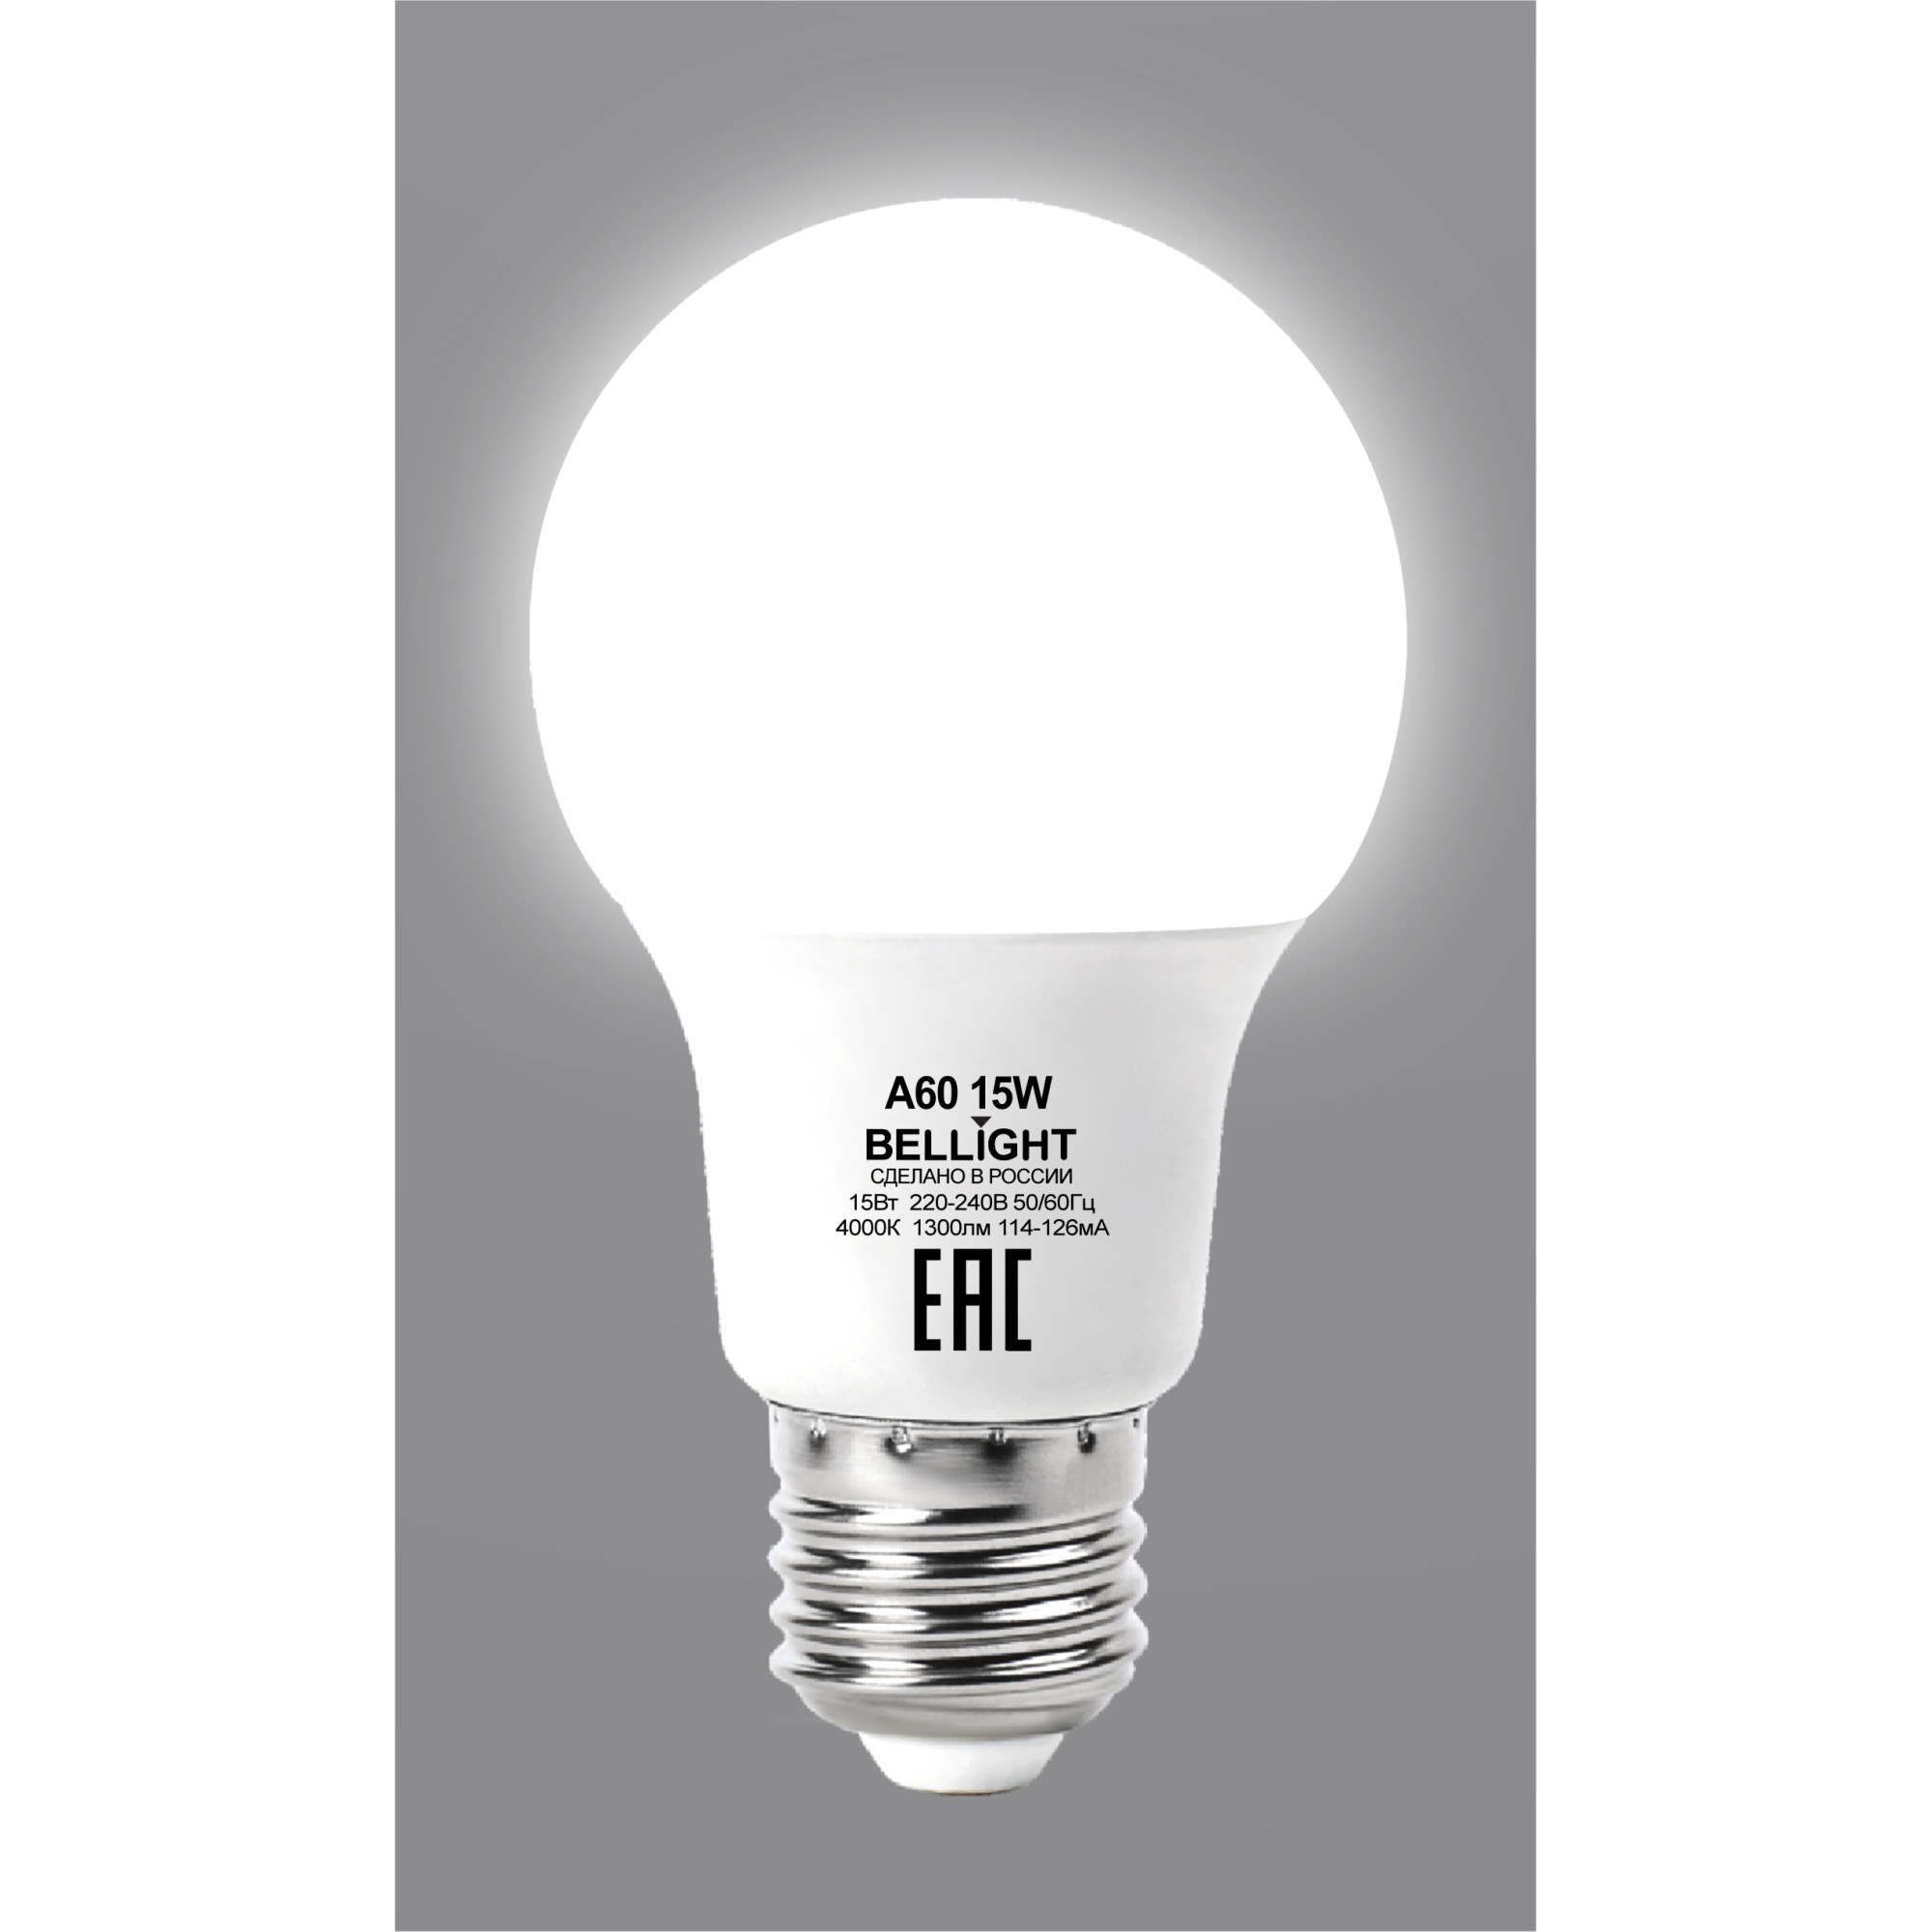 Лампа светодиодная E27 220 В 15 Вт груша матовая 1300 лм холодный белый свет